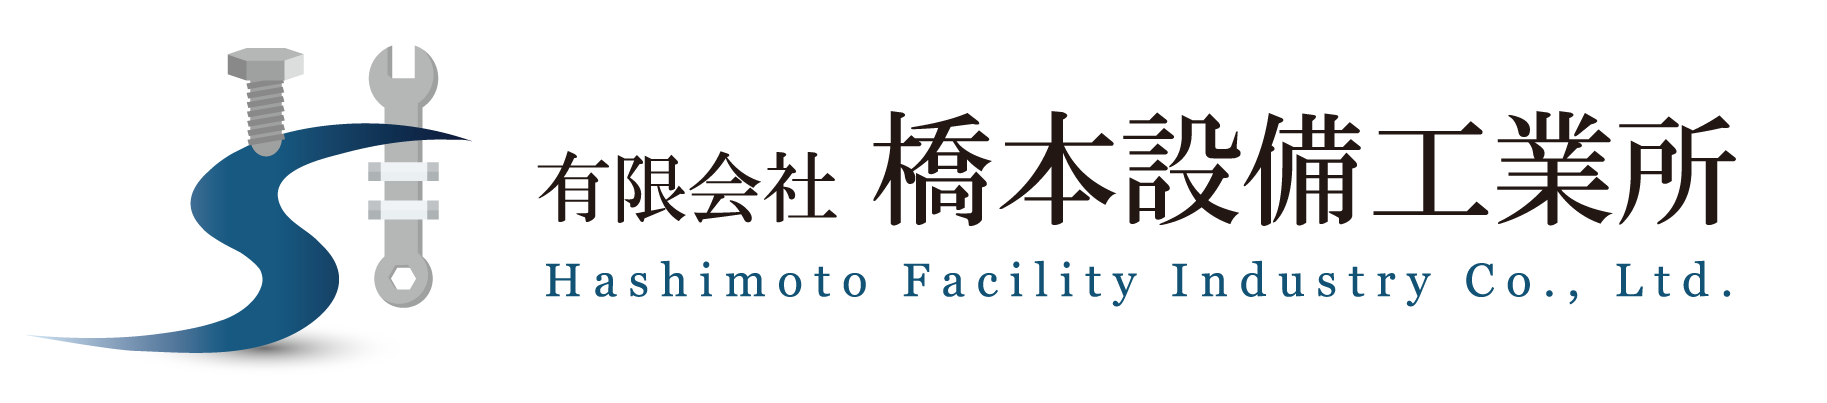 有限会社橋本設備工業所 山口県防府市の建設工事会社